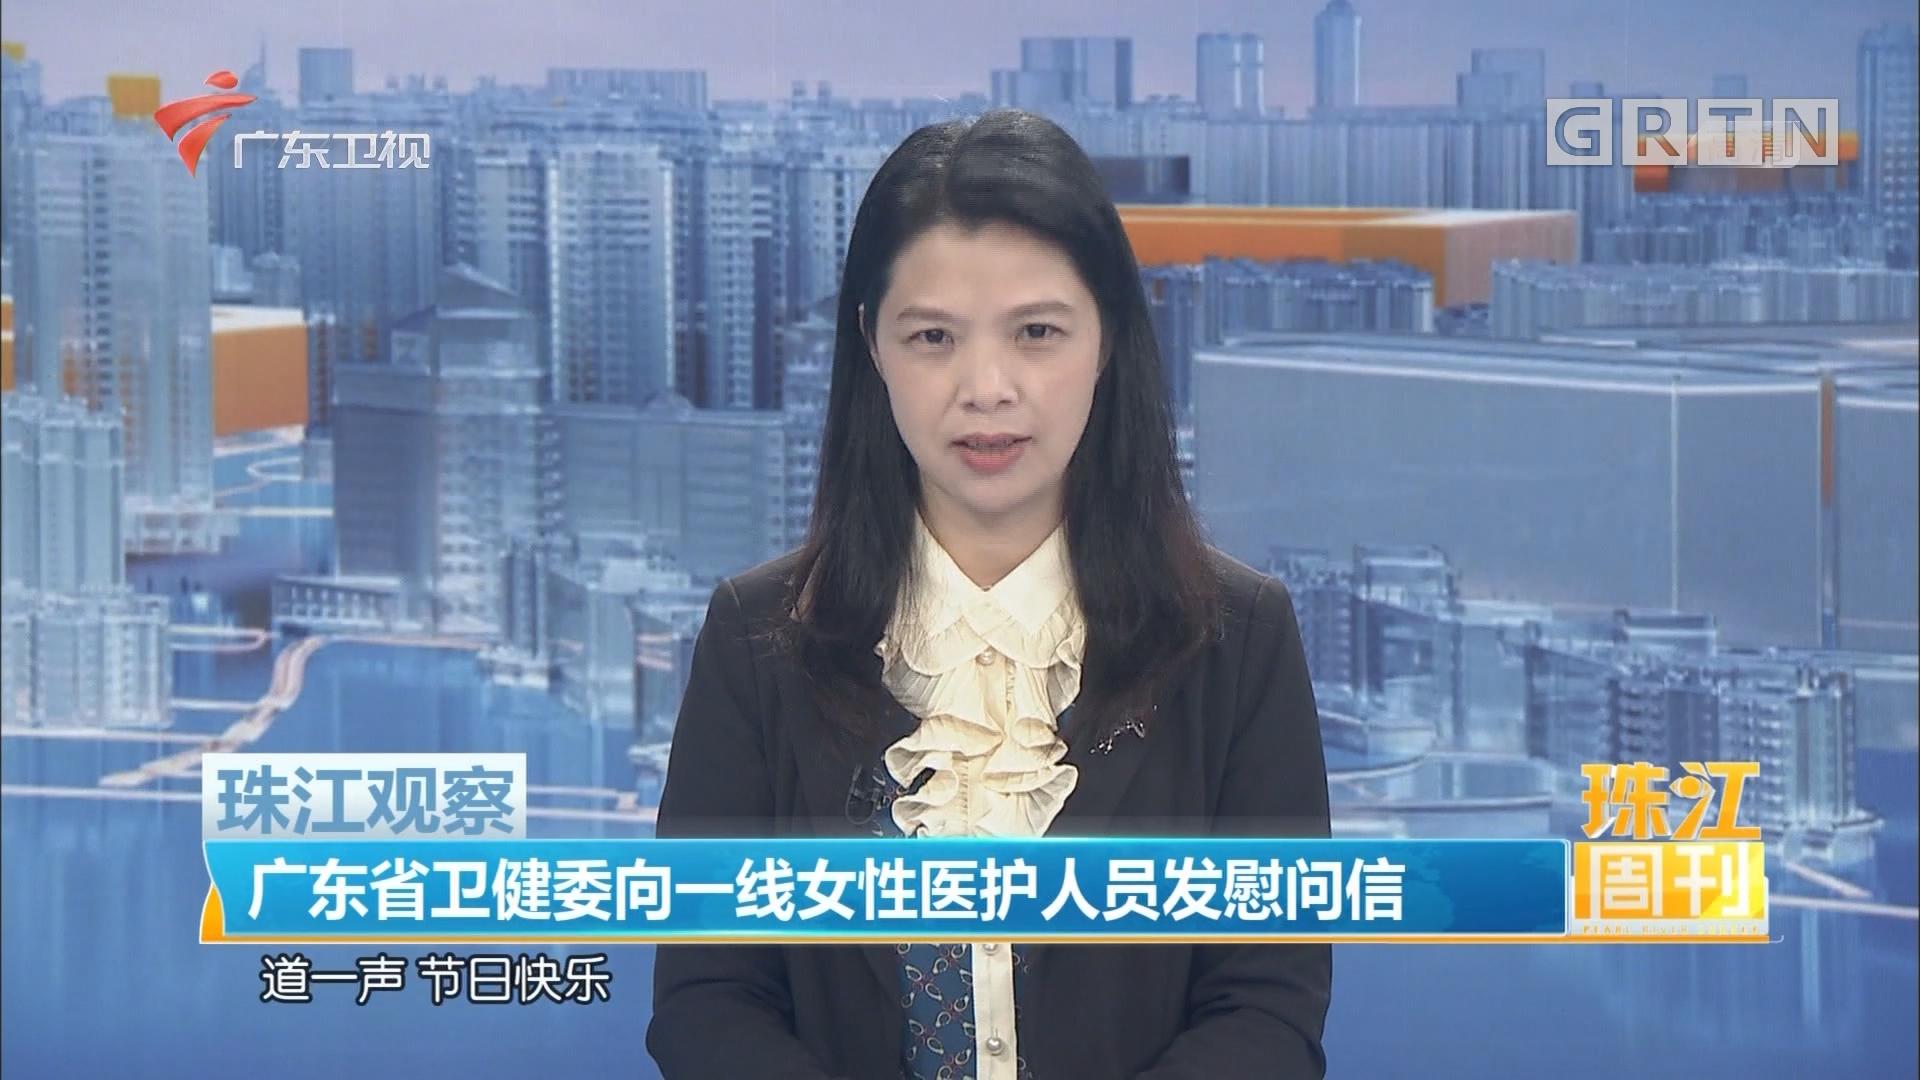 广东省卫健委向一线女性医护人员发慰问信